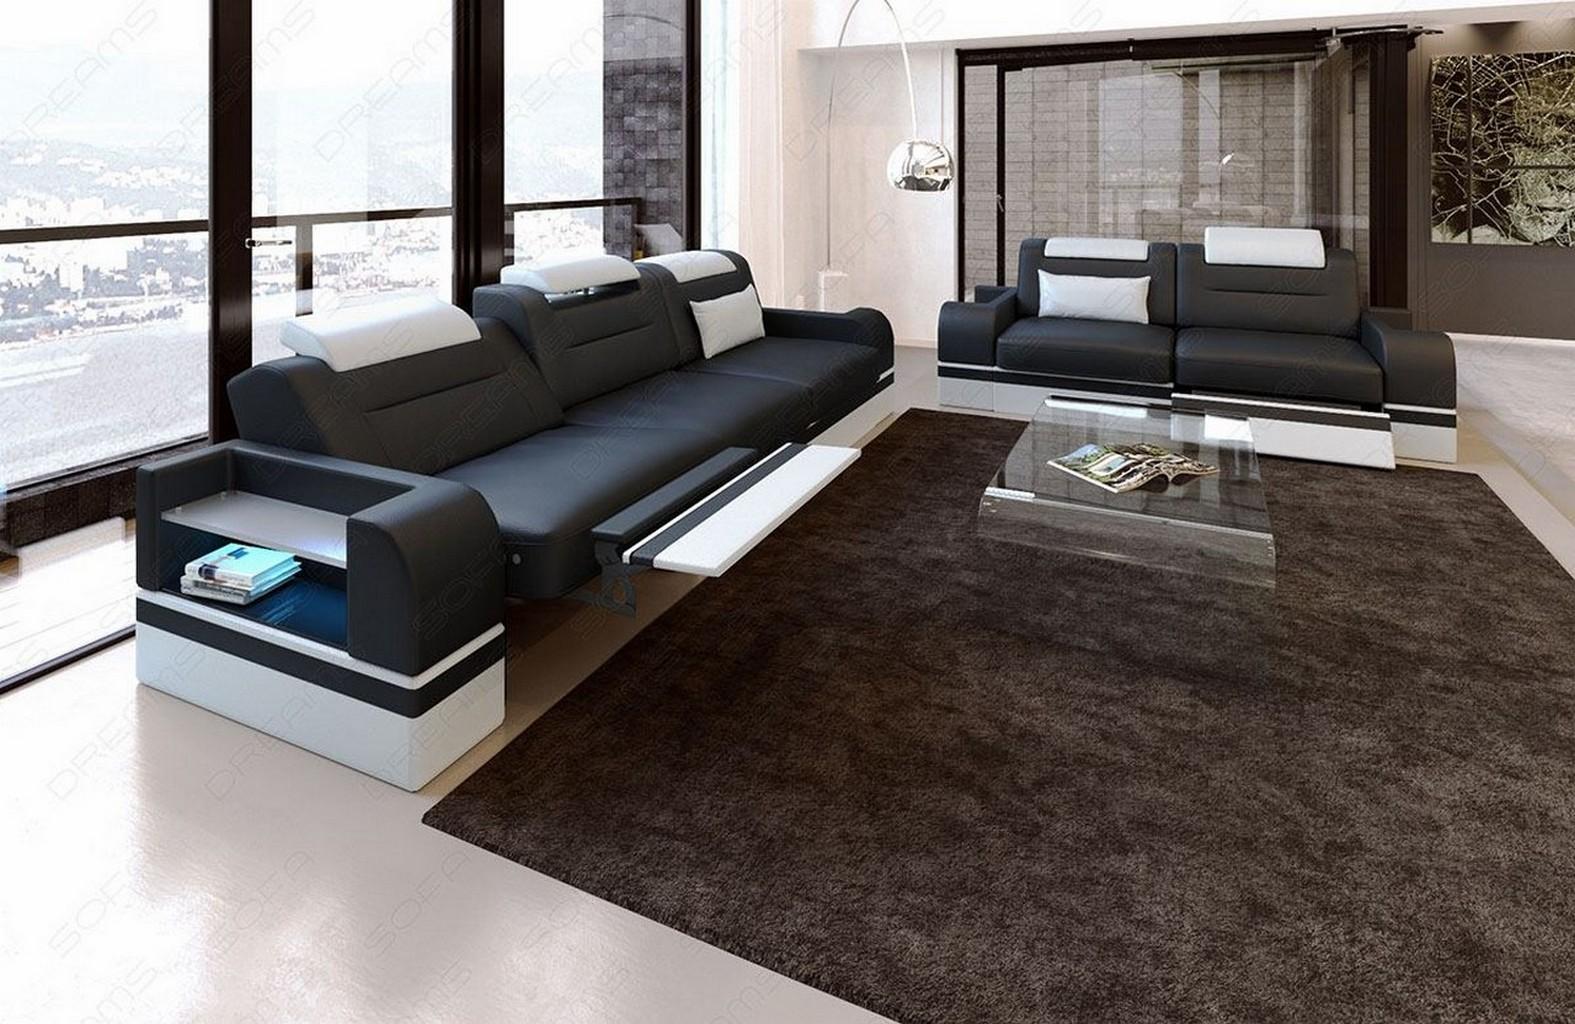 couchgarnitur sofagarnitur sitzgruppe design leder parma led 3 sitzer 2 sitzer ebay. Black Bedroom Furniture Sets. Home Design Ideas